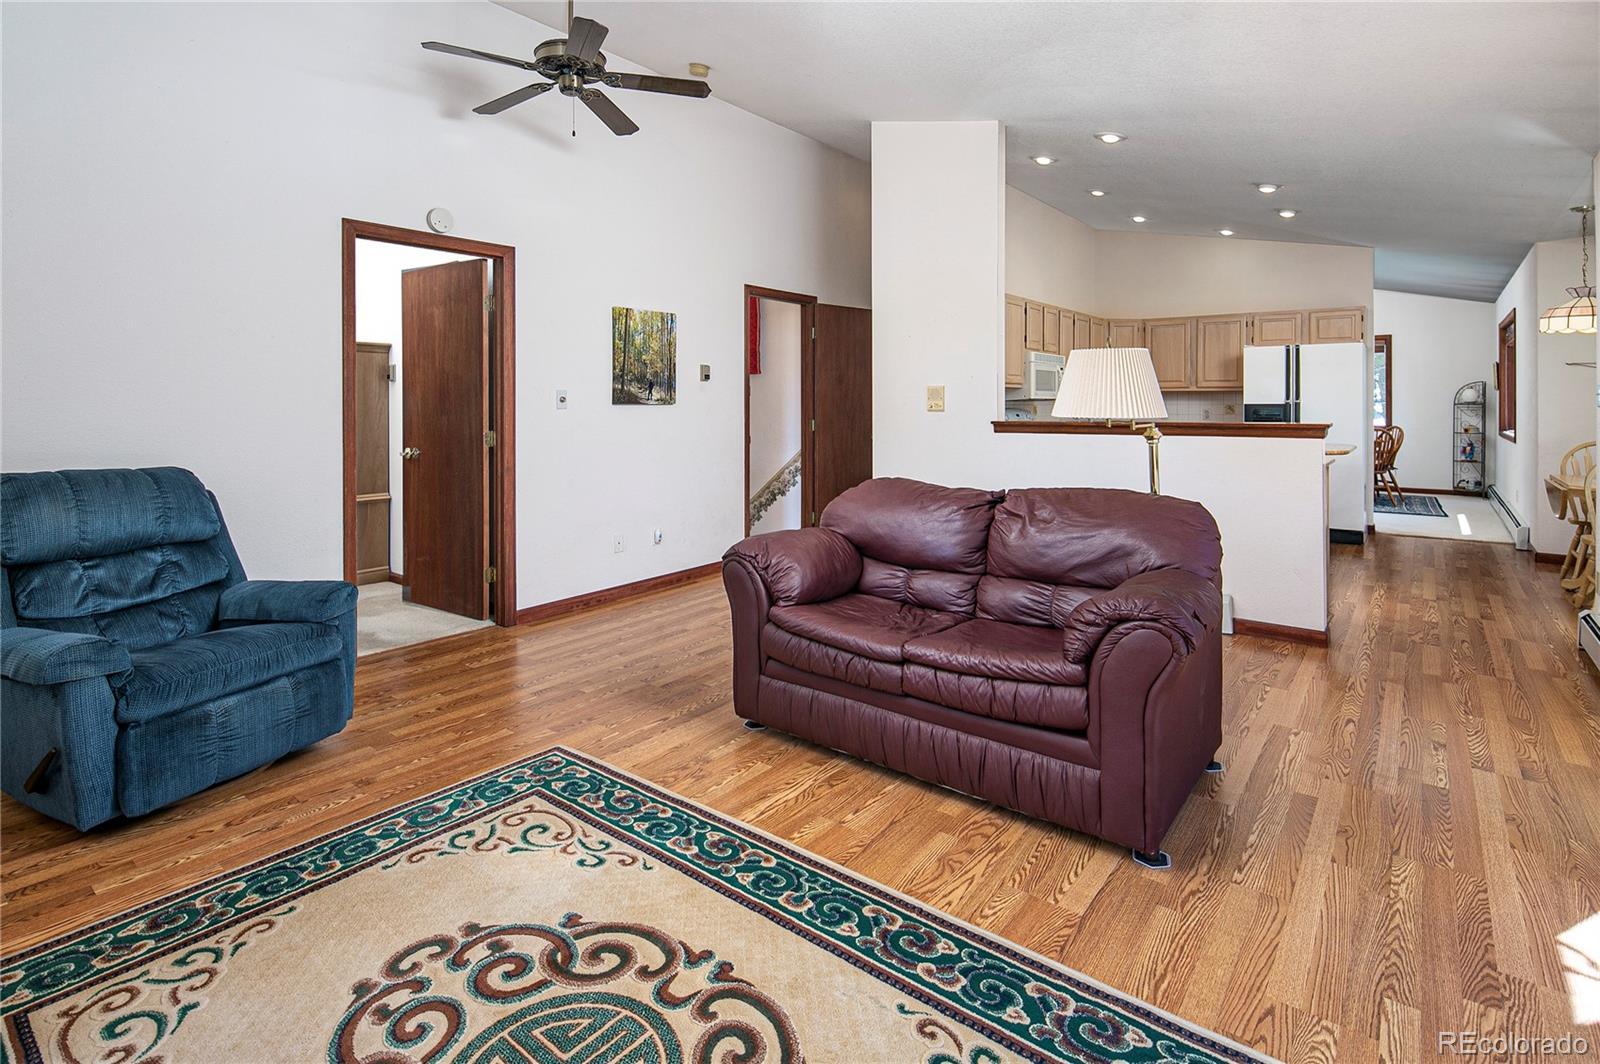 MLS# 3744542 - 18 - 13281 Callae Drive, Conifer, CO 80433